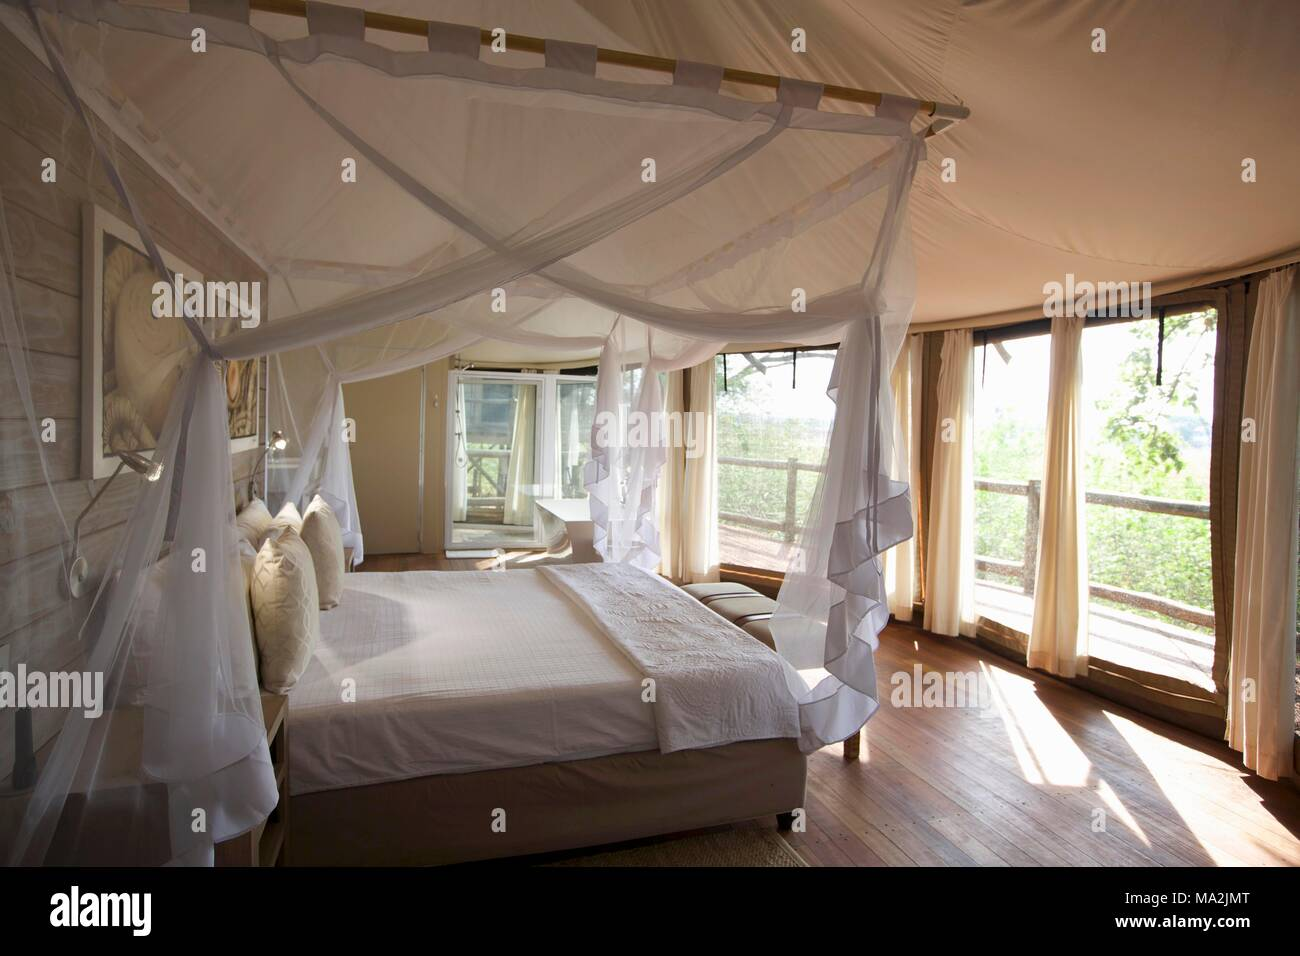 Ein Schlafzimmer In Einer Lodge, Afrika